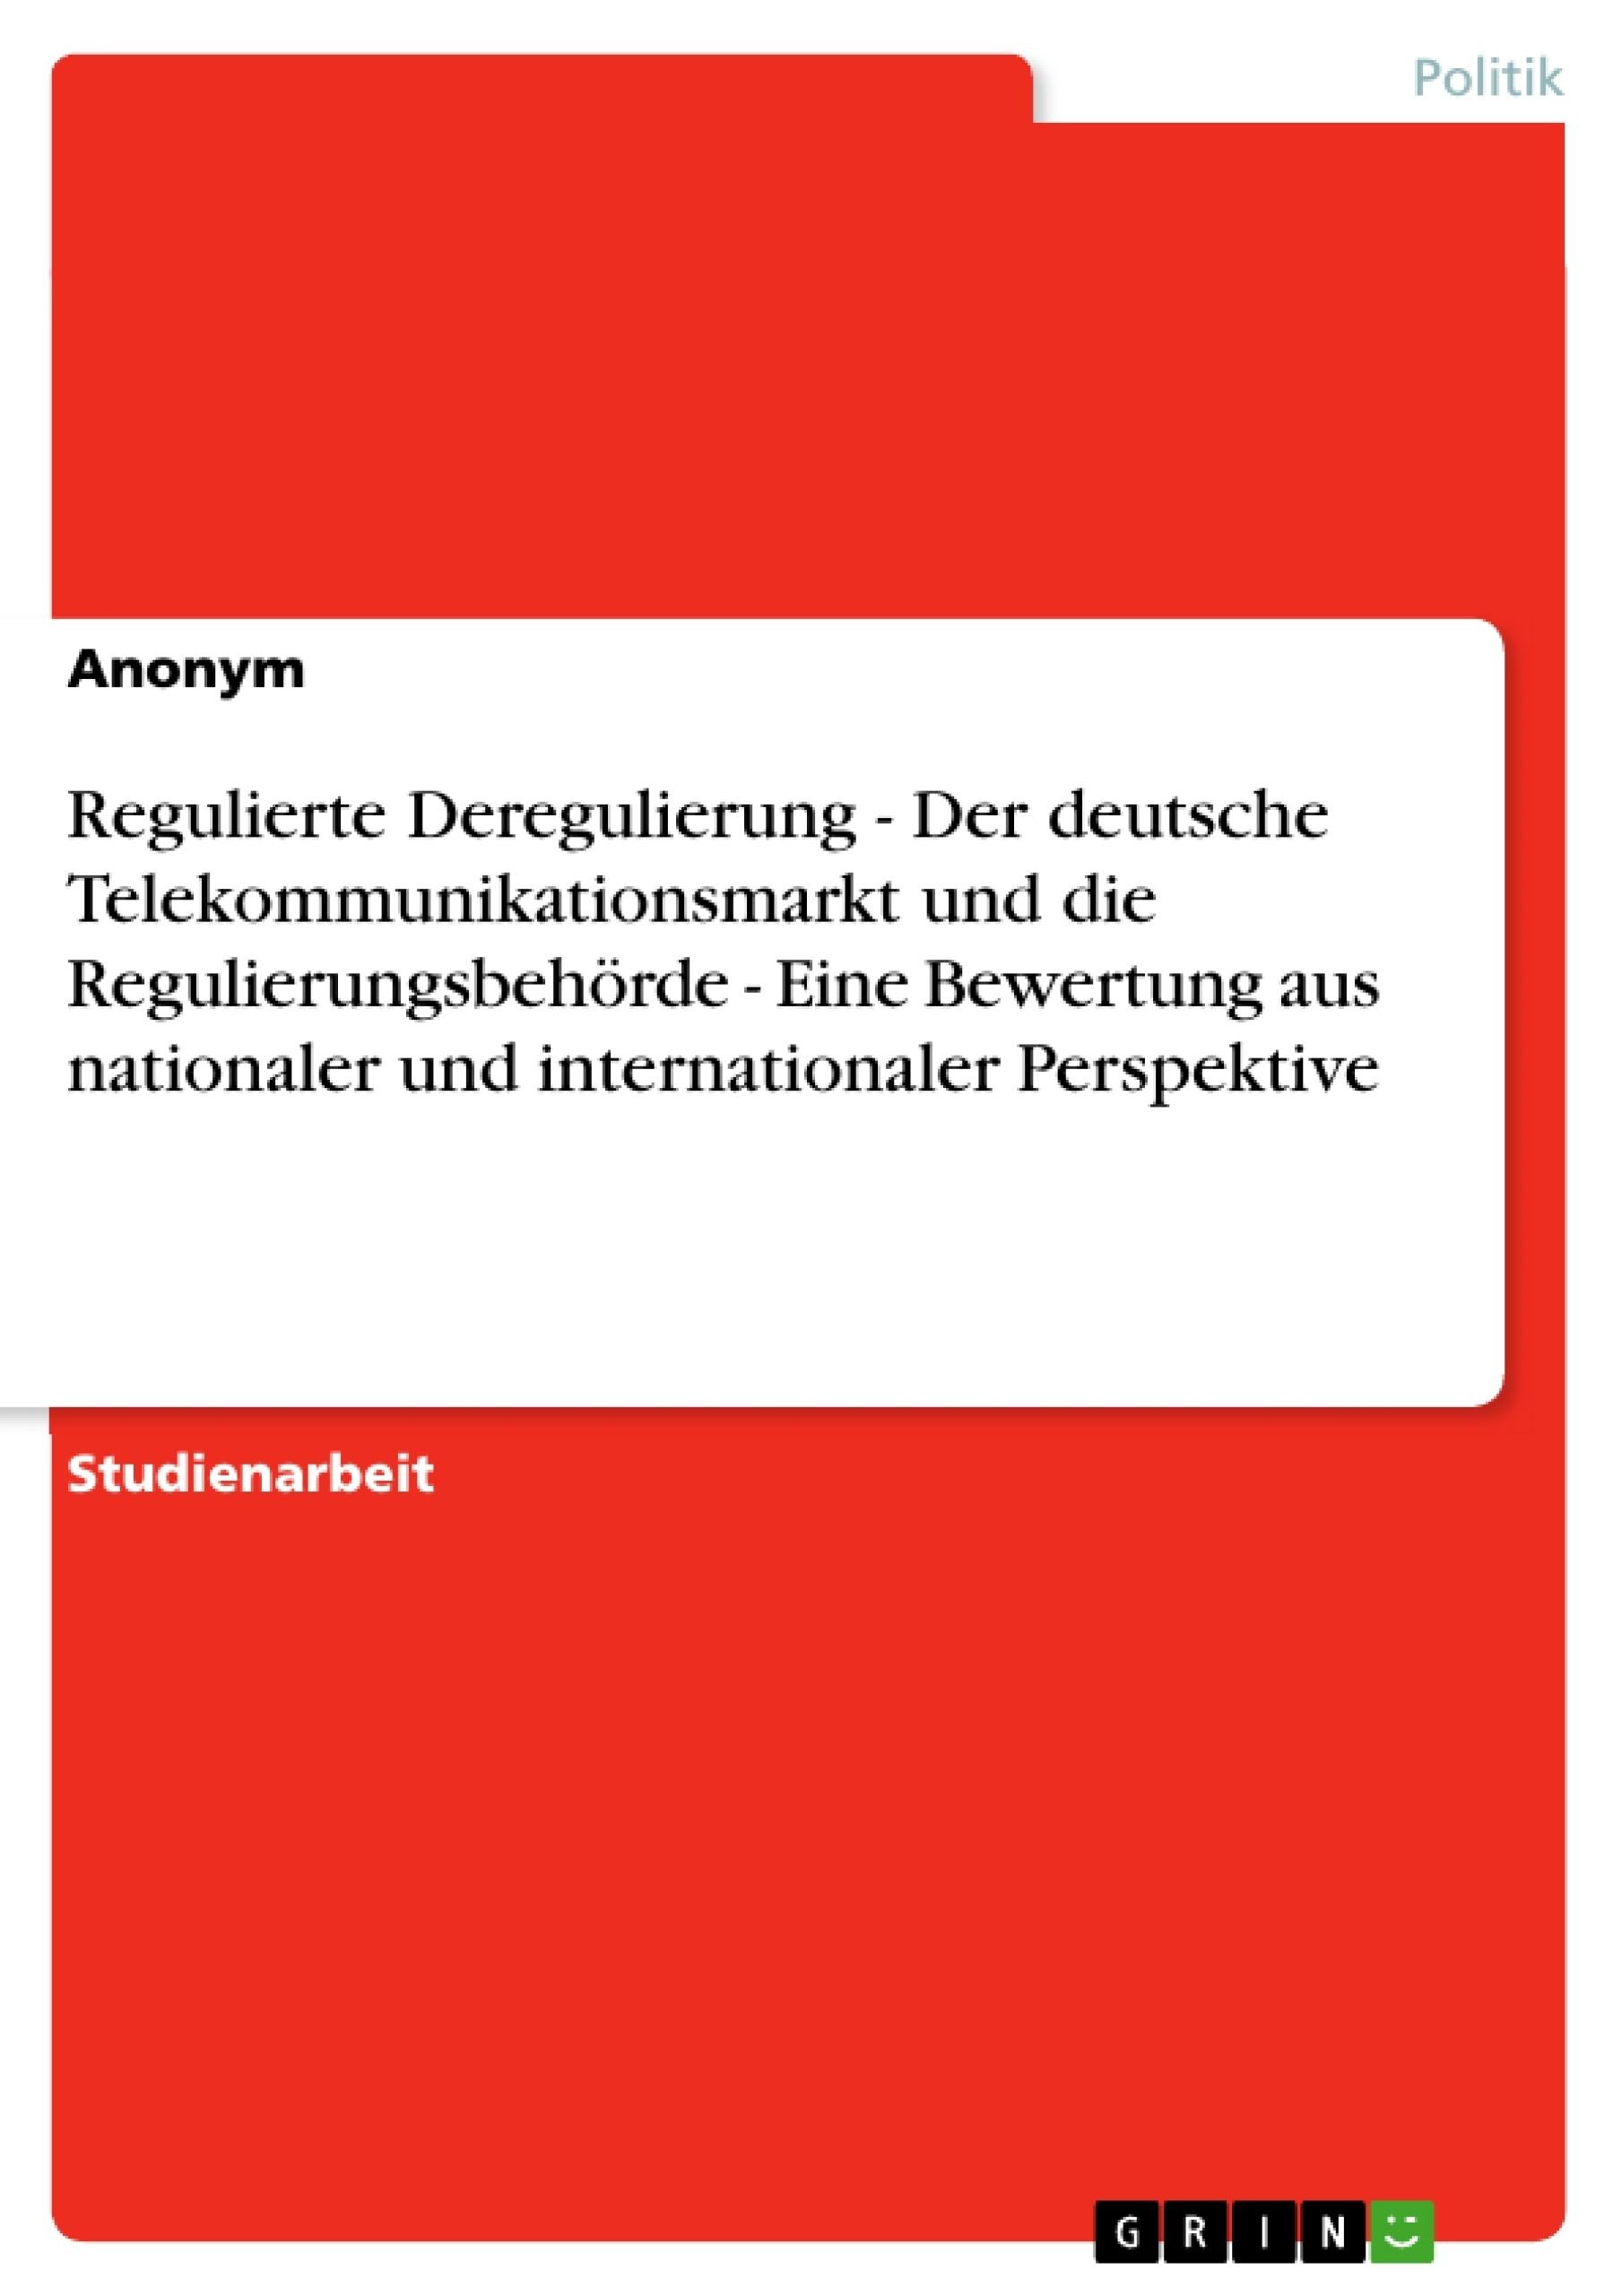 Titel: Regulierte Deregulierung - Der deutsche Telekommunikationsmarkt und die Regulierungsbehörde - Eine Bewertung aus nationaler und internationaler Perspektive